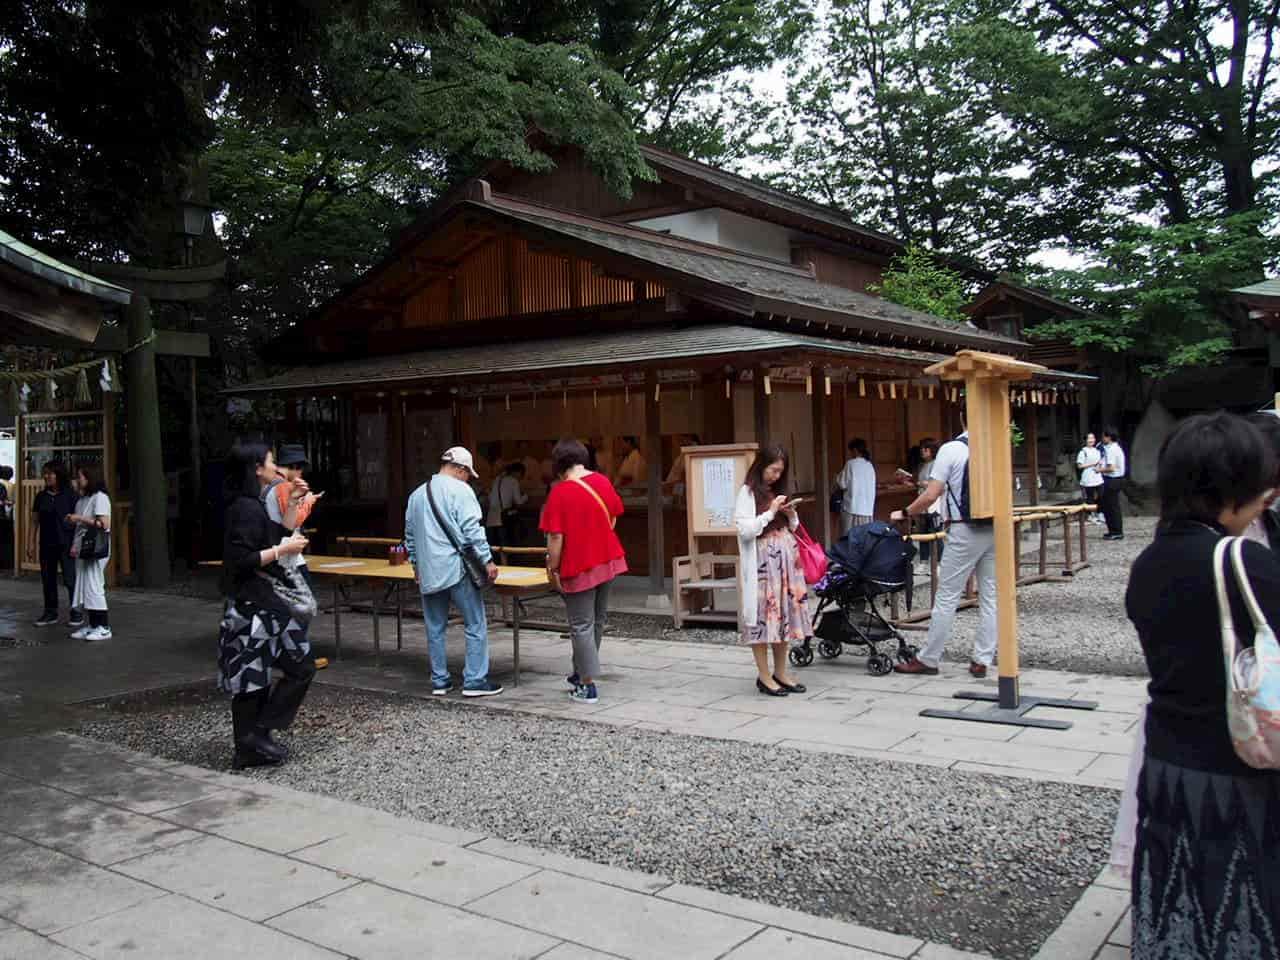 「縁むすび風鈴」期間中の神社の中